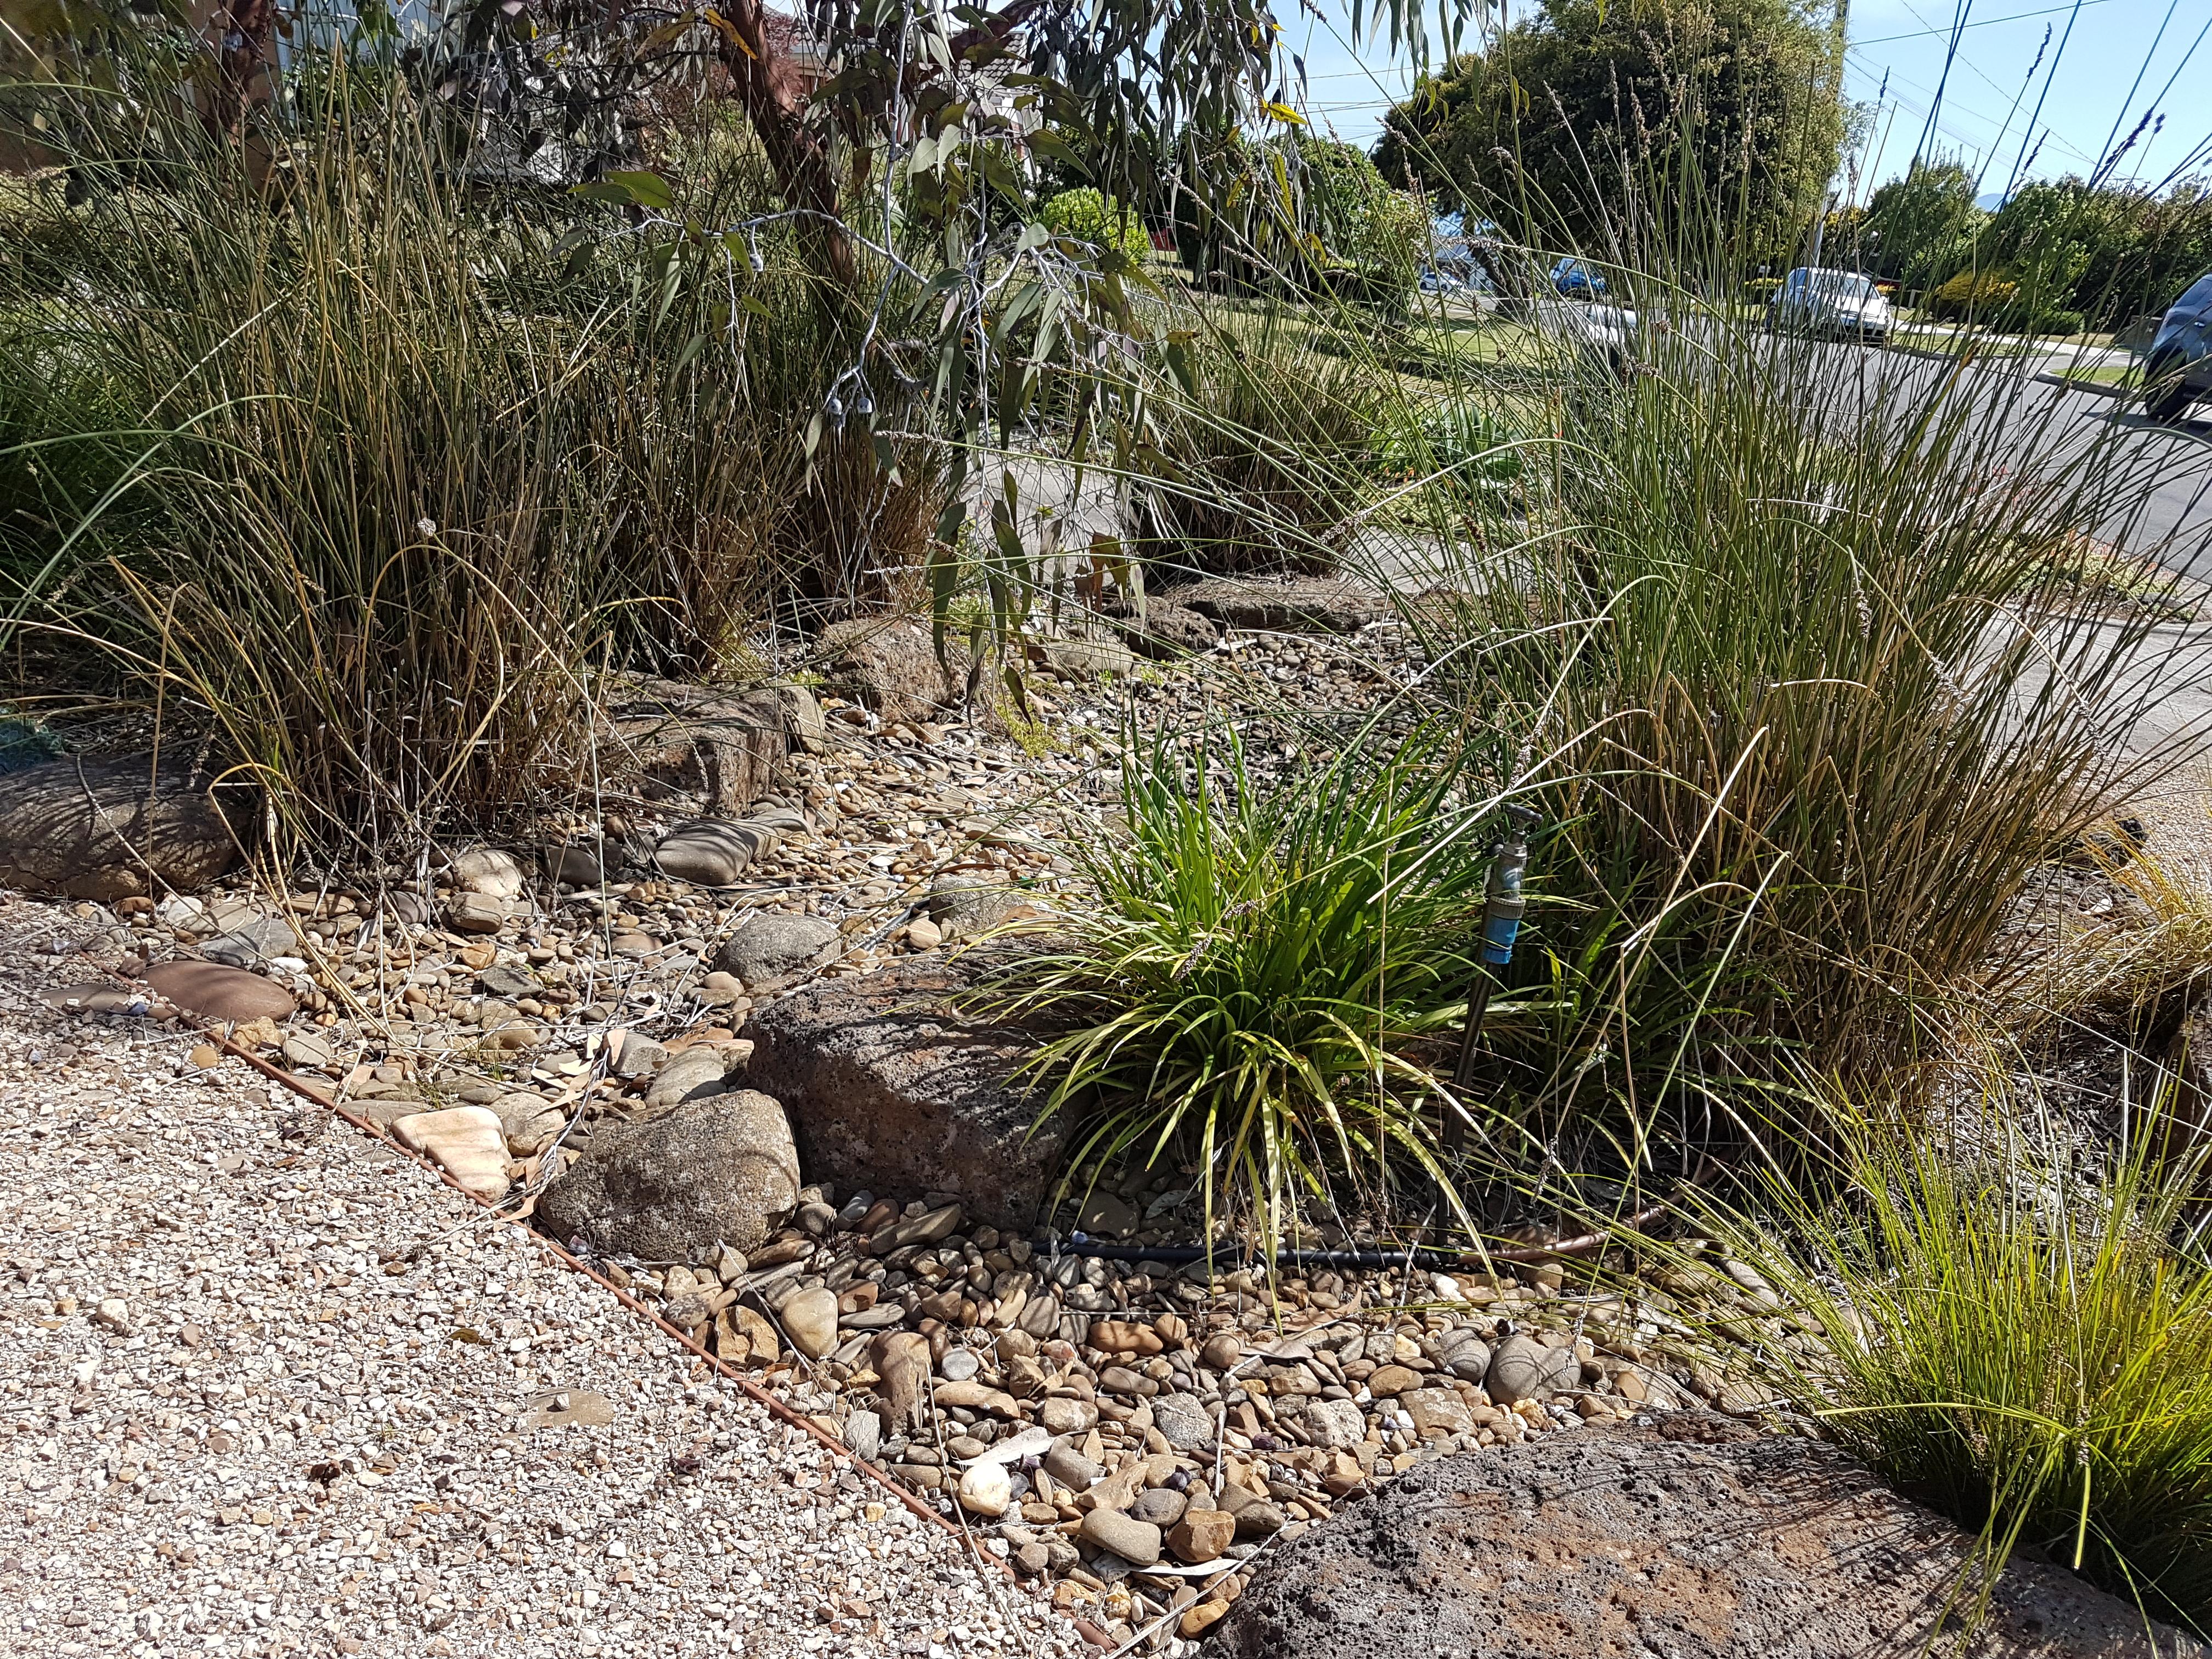 No lawn, native grasses, drought tolerant garden, garden for bird